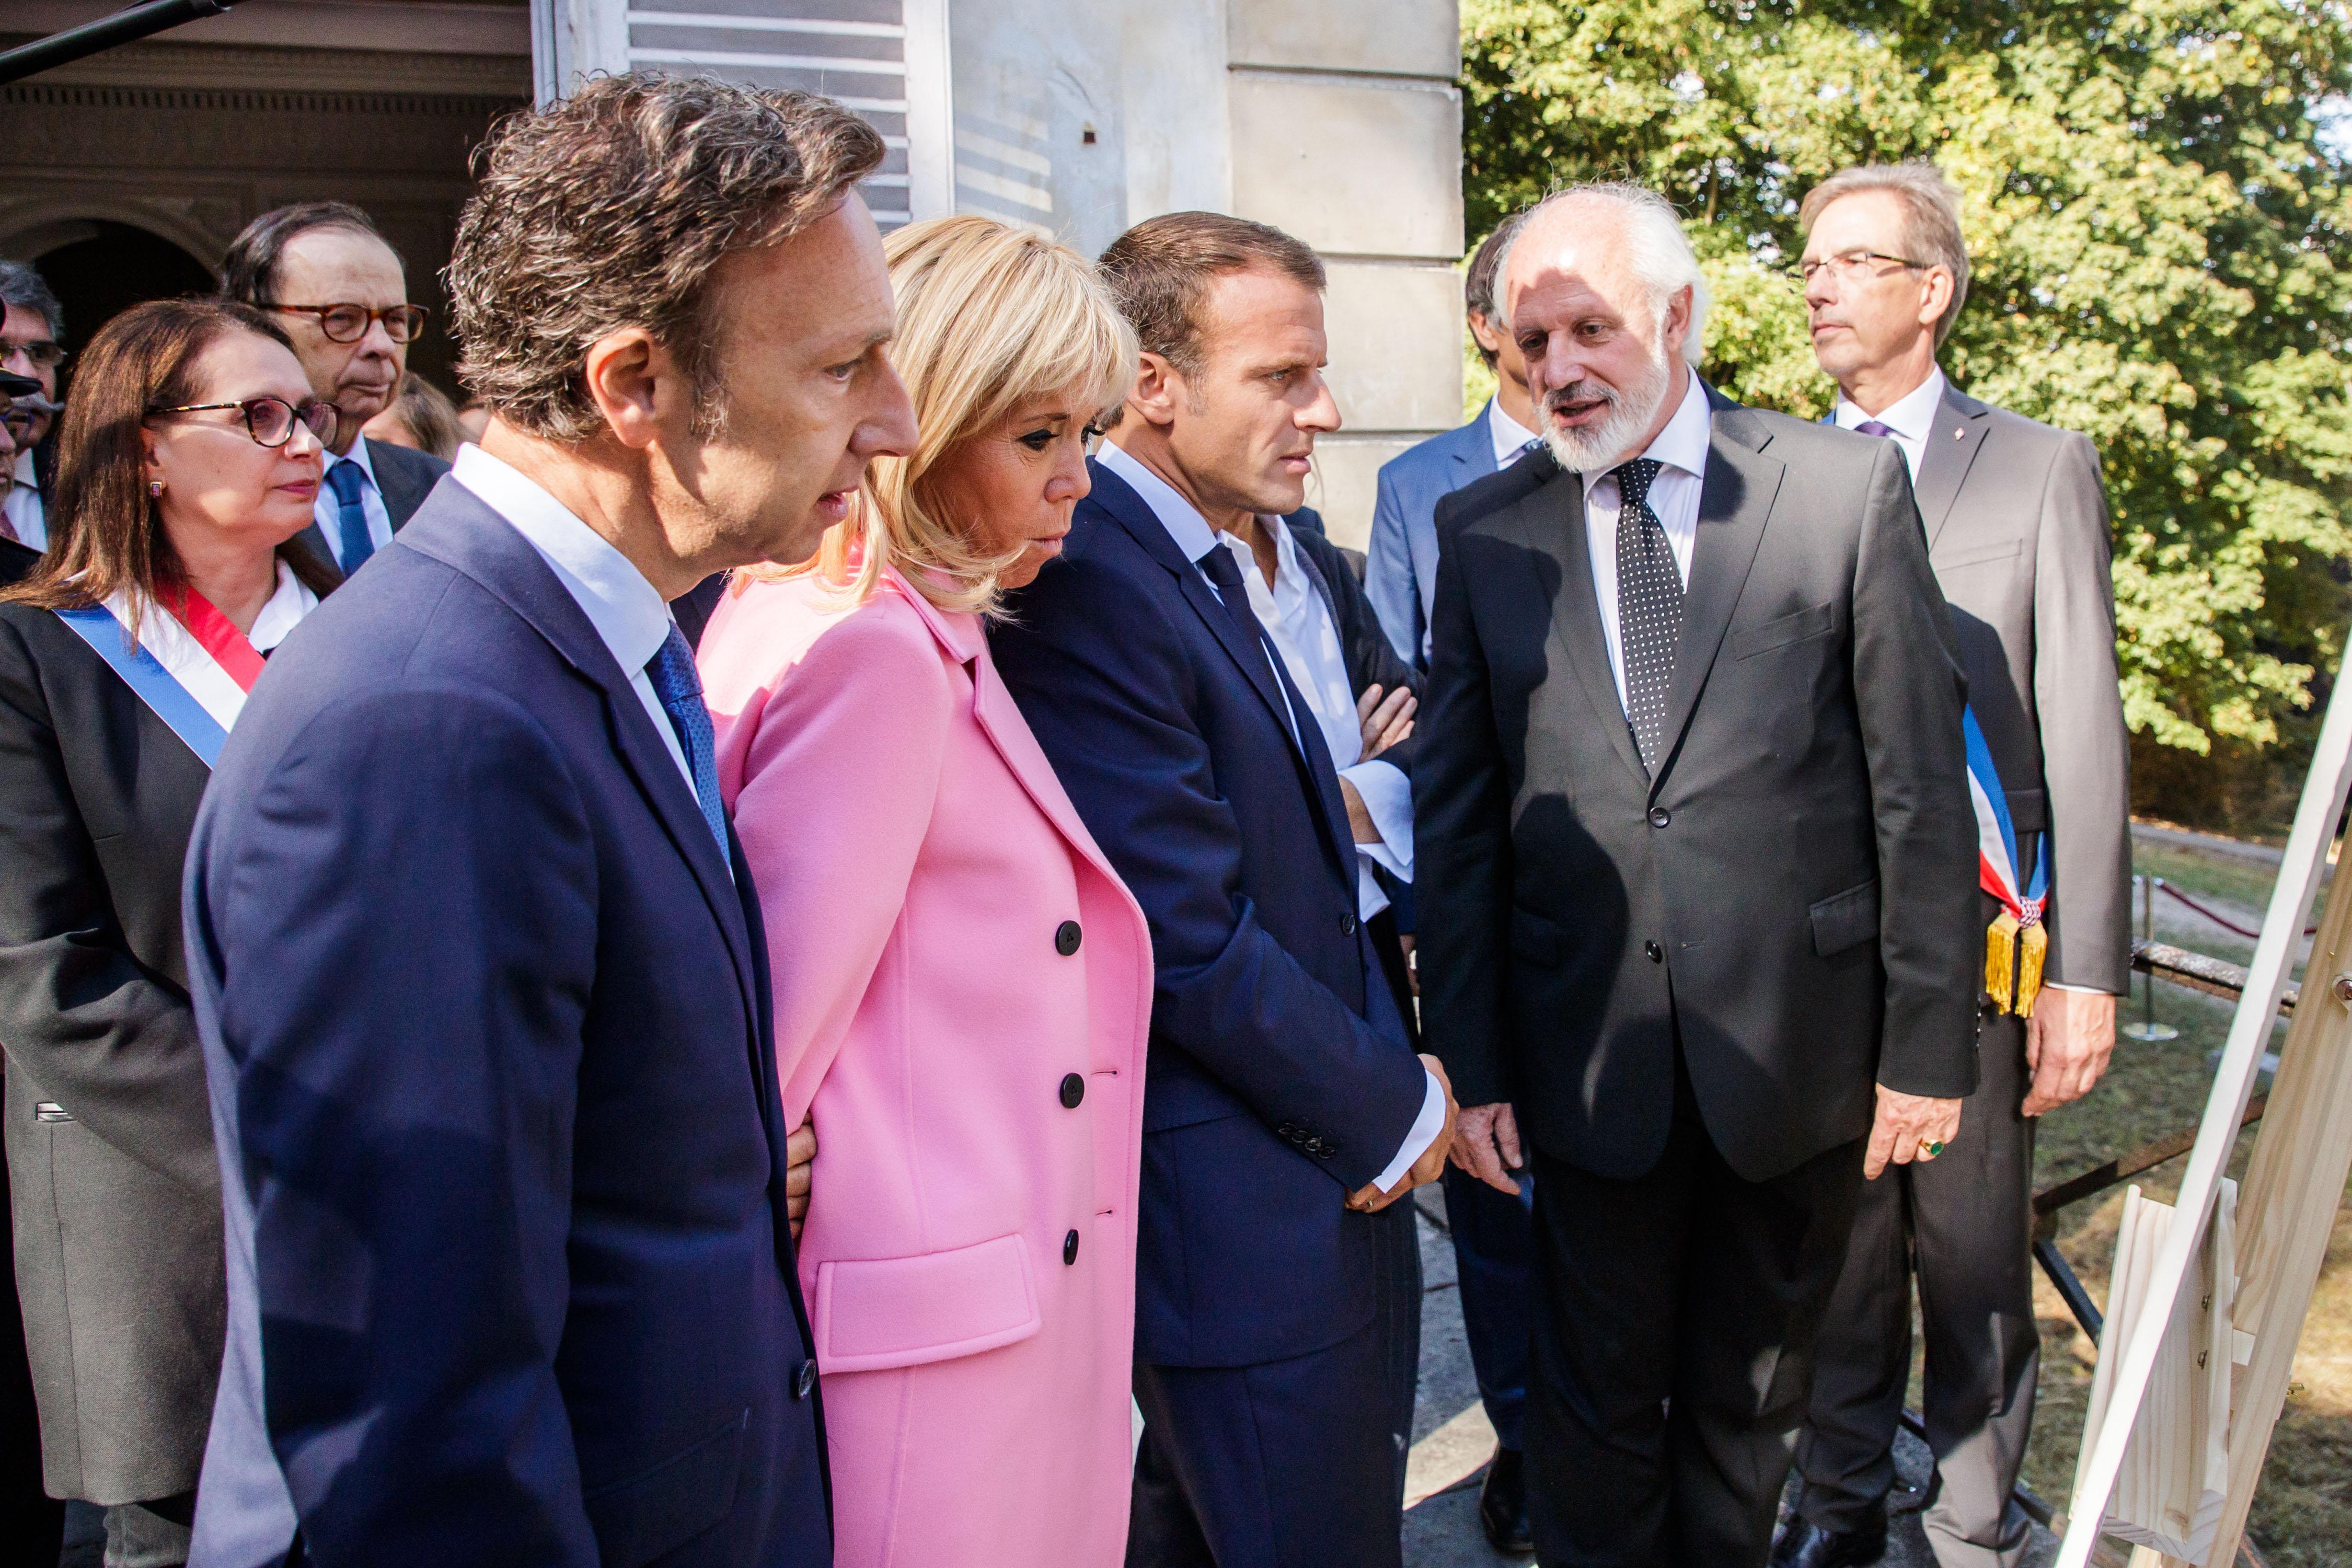 Stéphane Bern a été missionné par le président de la République Emmanuel Macron dans la défense du patrimoine français. Photo : Christophe Petit Tesson / POOL / AFP